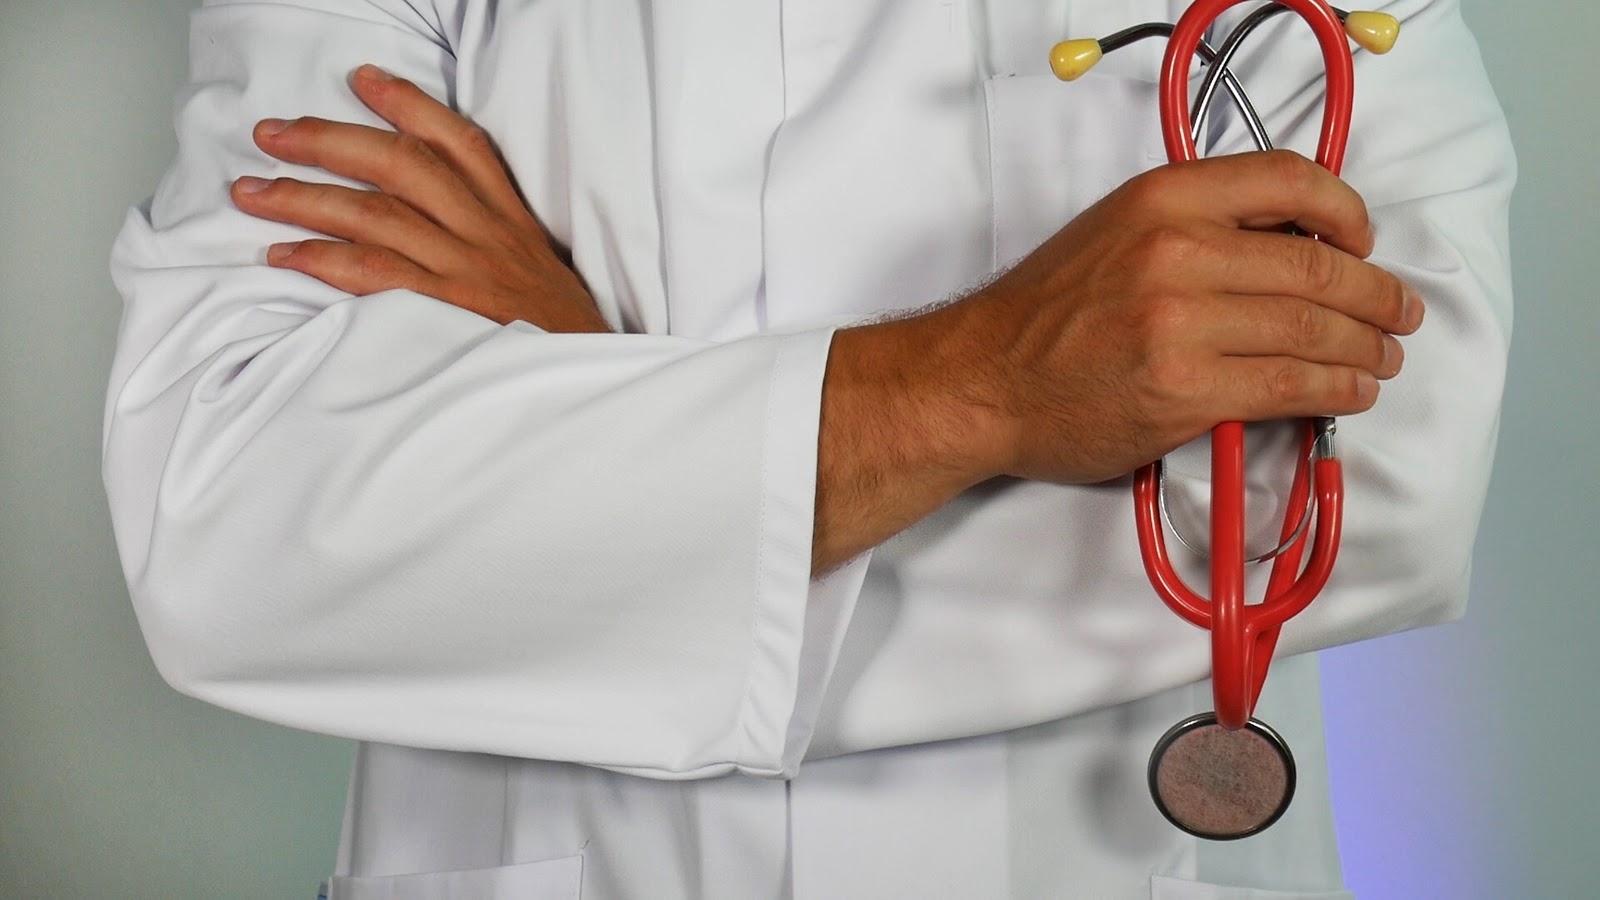 Ce este hemangiomul si cum poate fi tratat